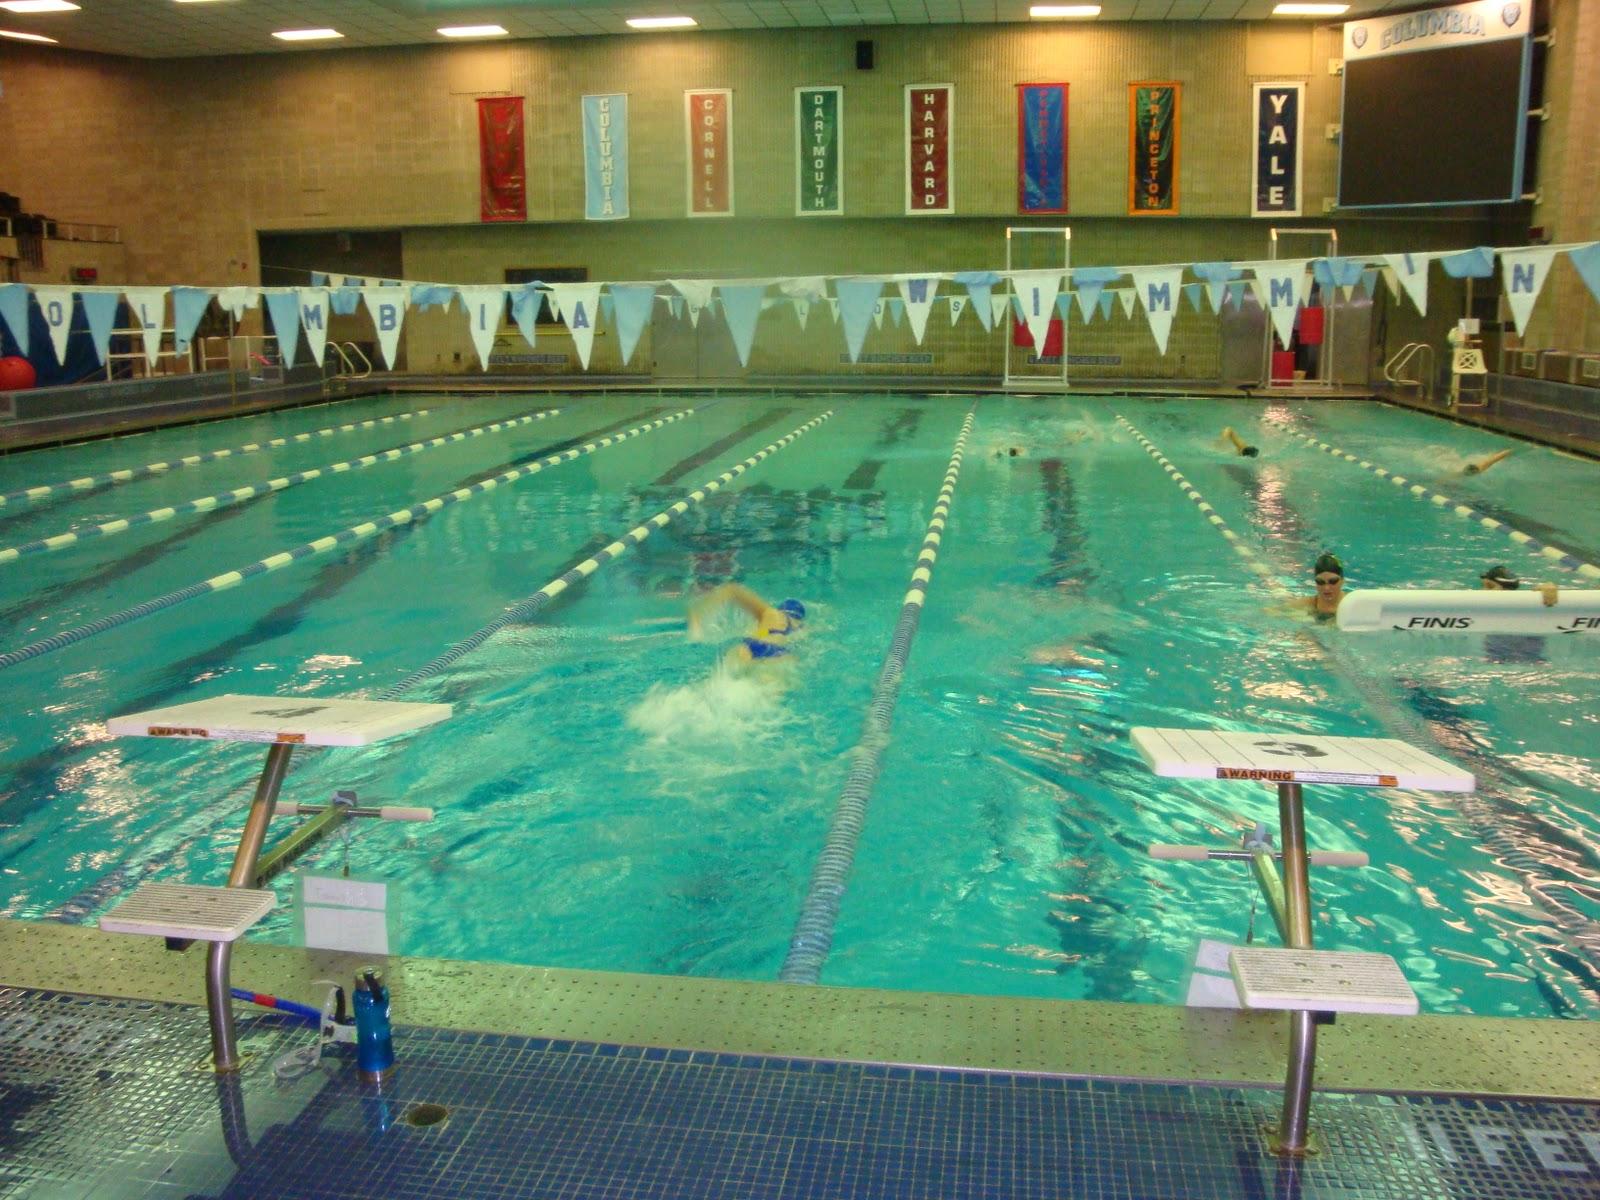 50 swims swim 50 columbia university new york ny - Sportspark swimming pool new york ny ...